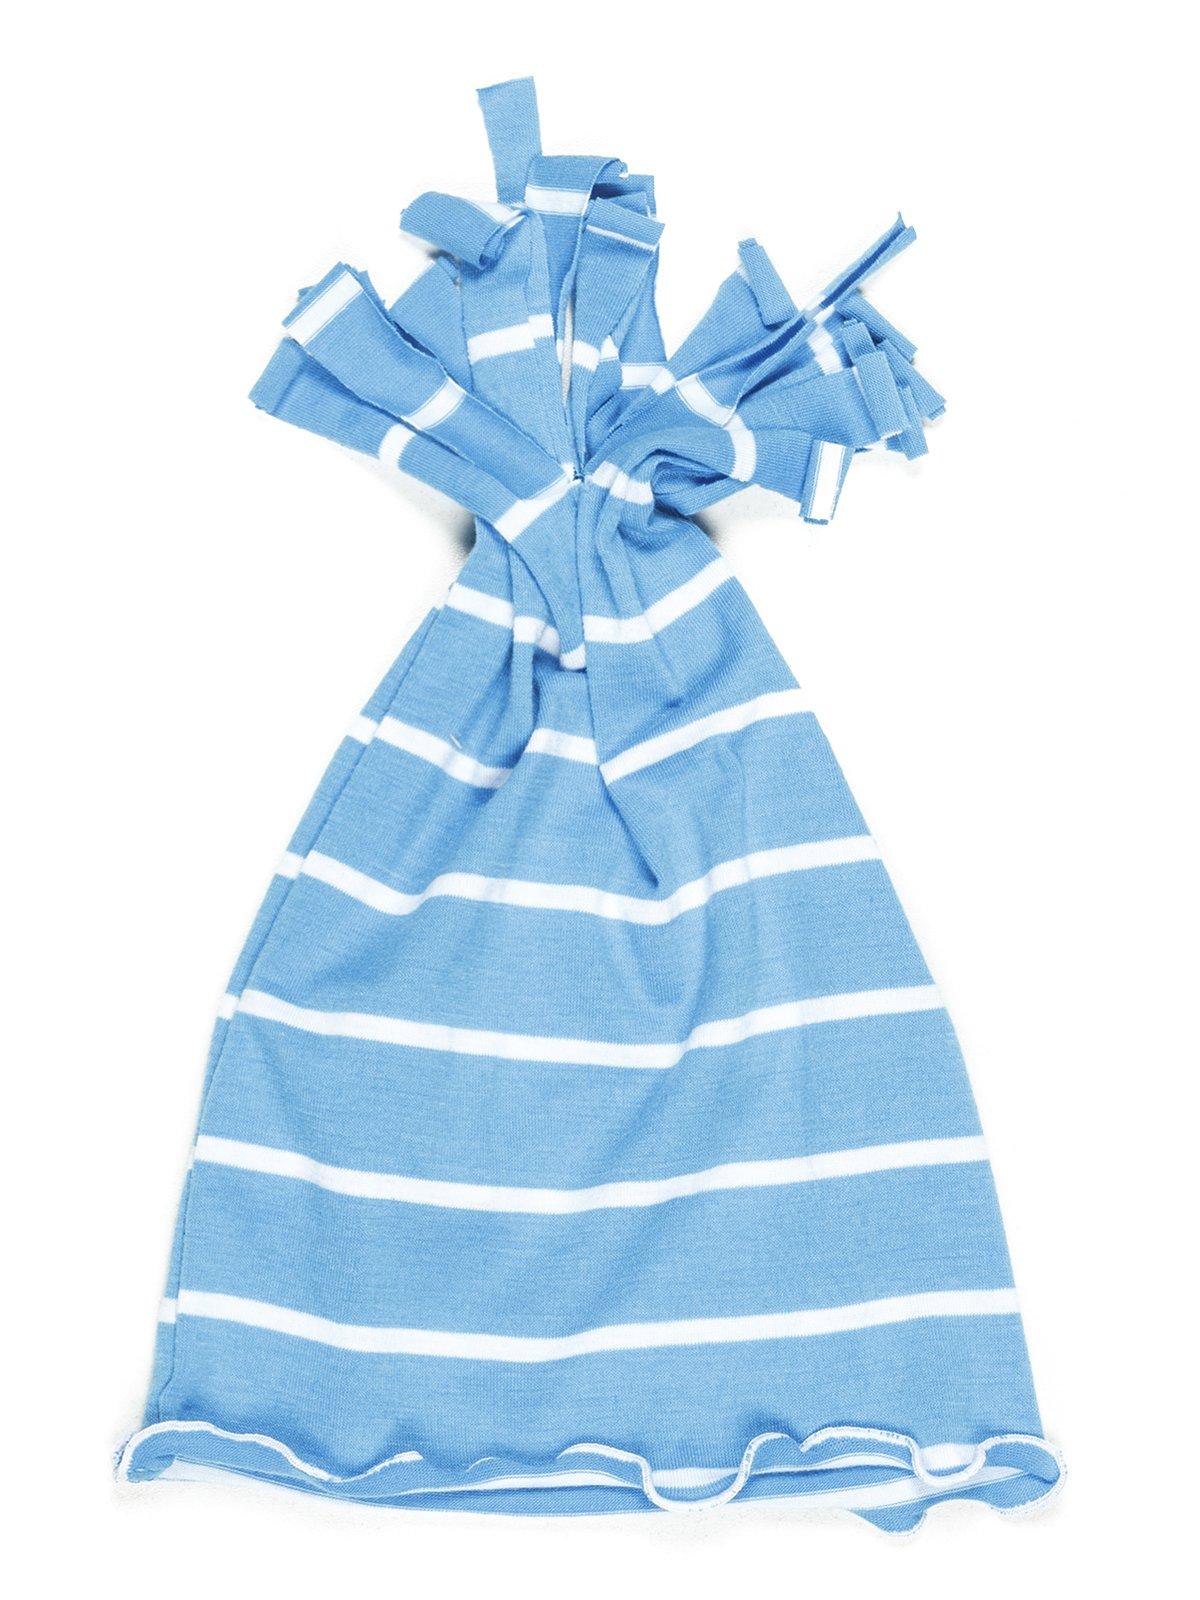 Шапка голубая в полоску | 576678